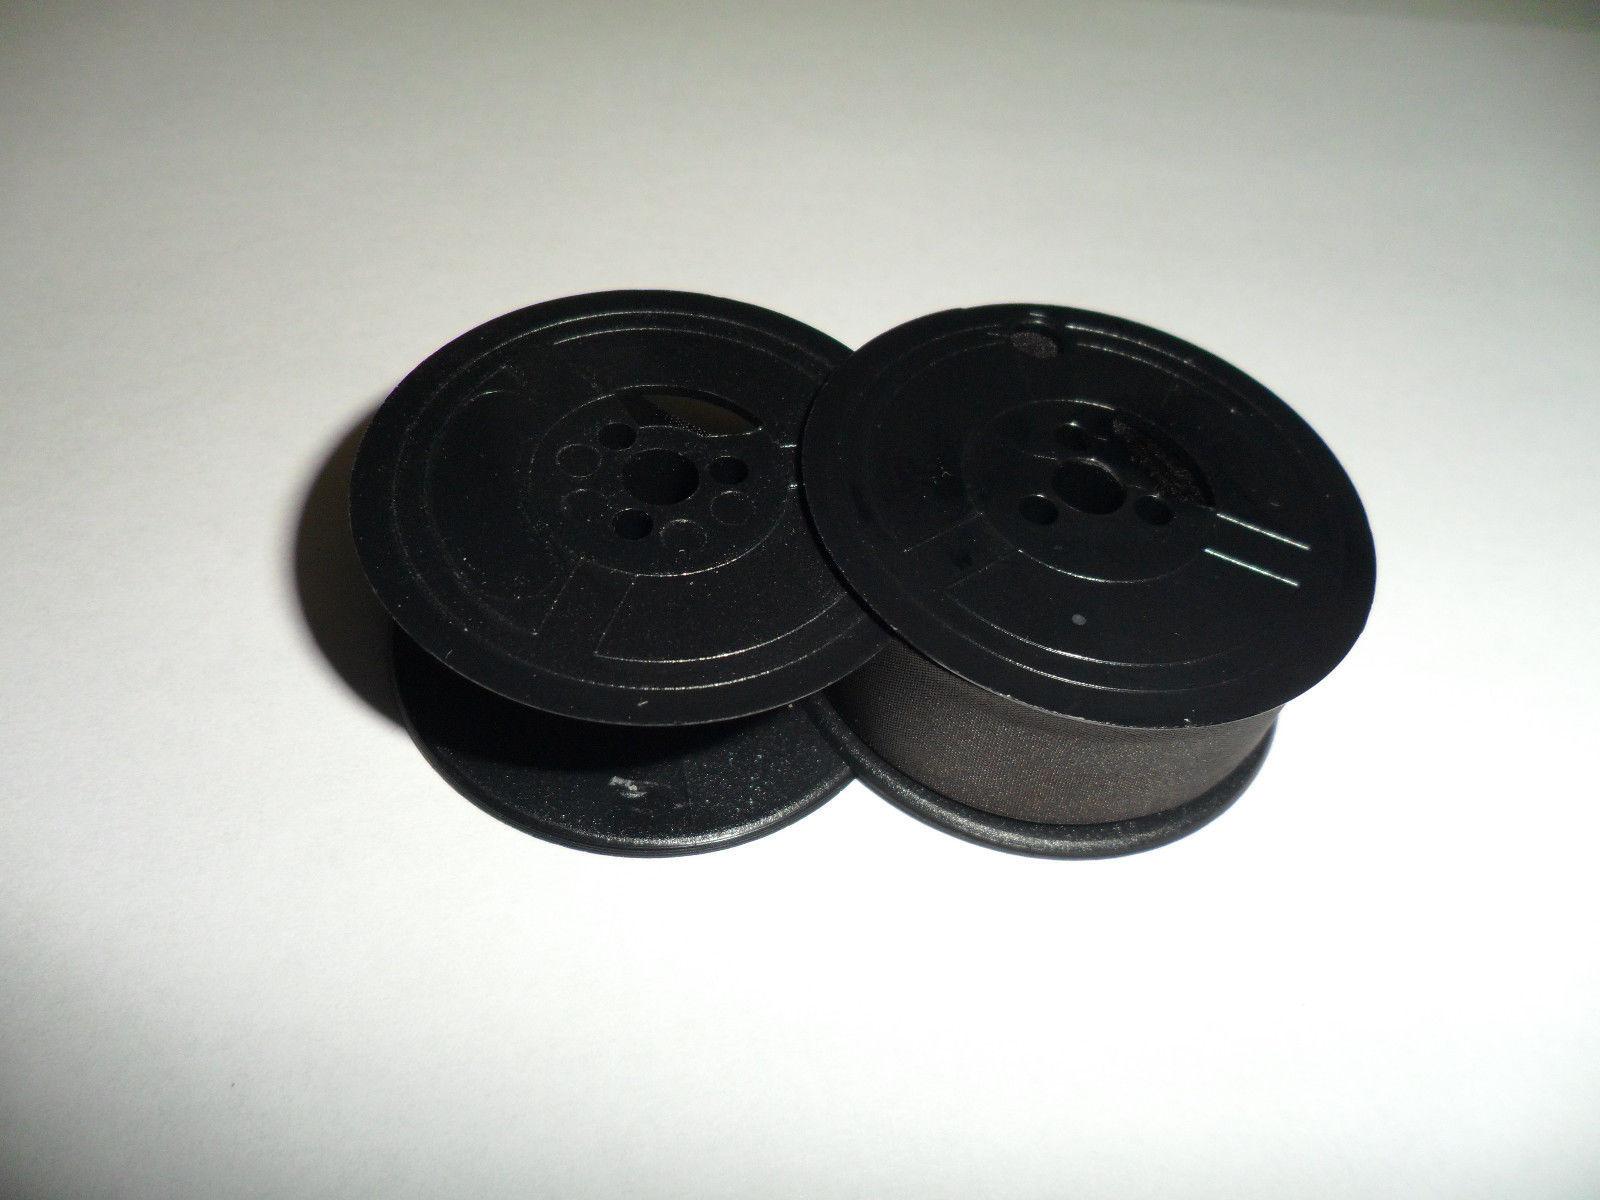 Sanyo ECR240/ECR270/ECR280/ECR322/ECR480/ECR540 Cash Register Ribbon (3 Pack)